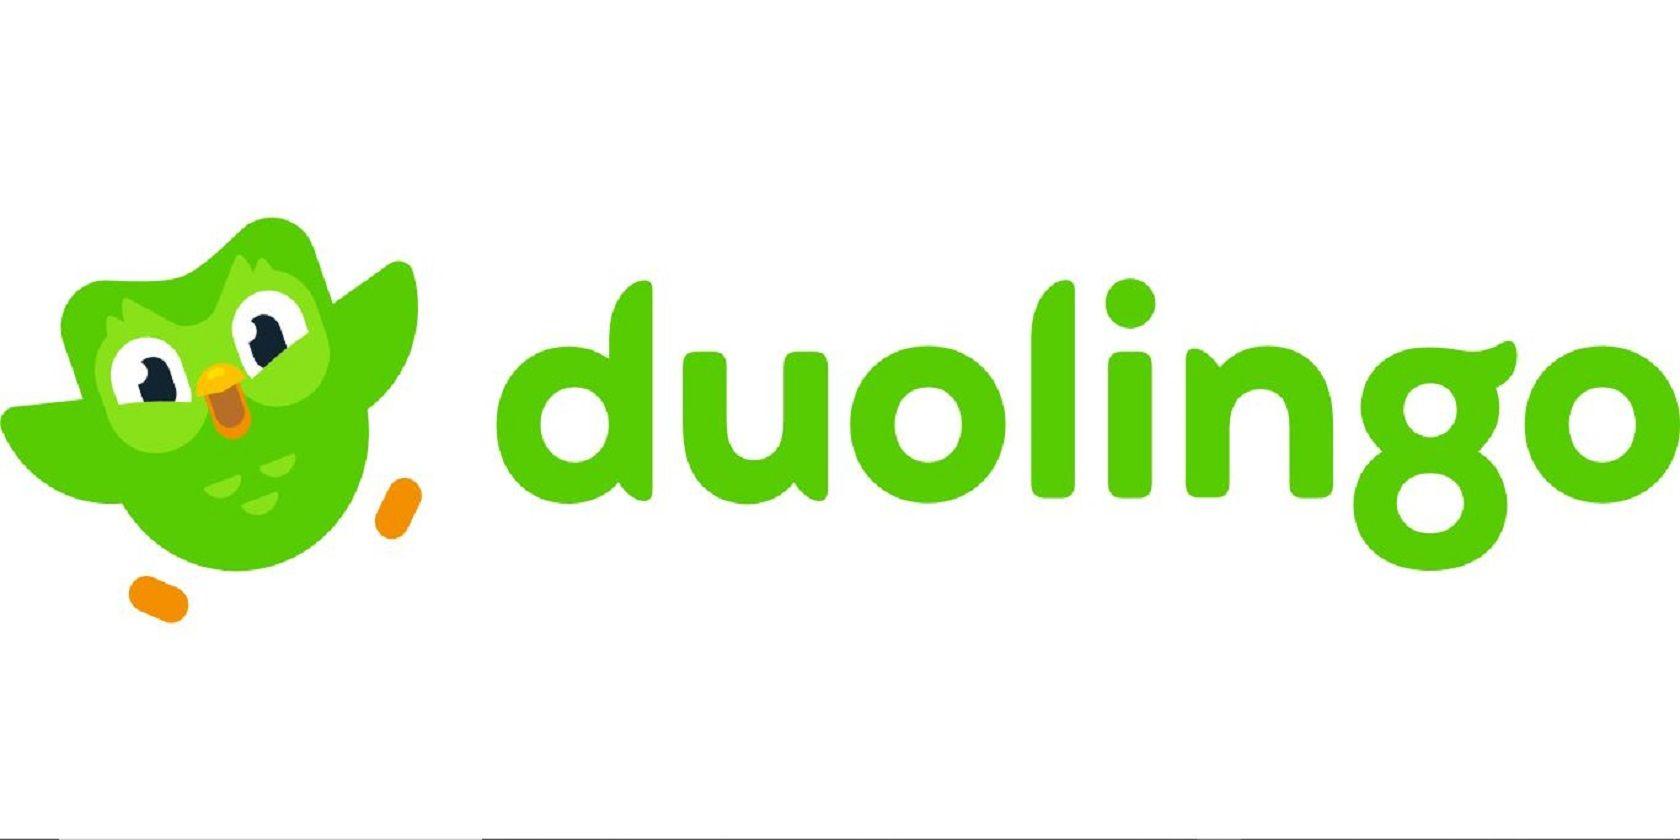 Duolingo si quota in borsa: una crescita dei ricavi del 129% nel 2020 thumbnail